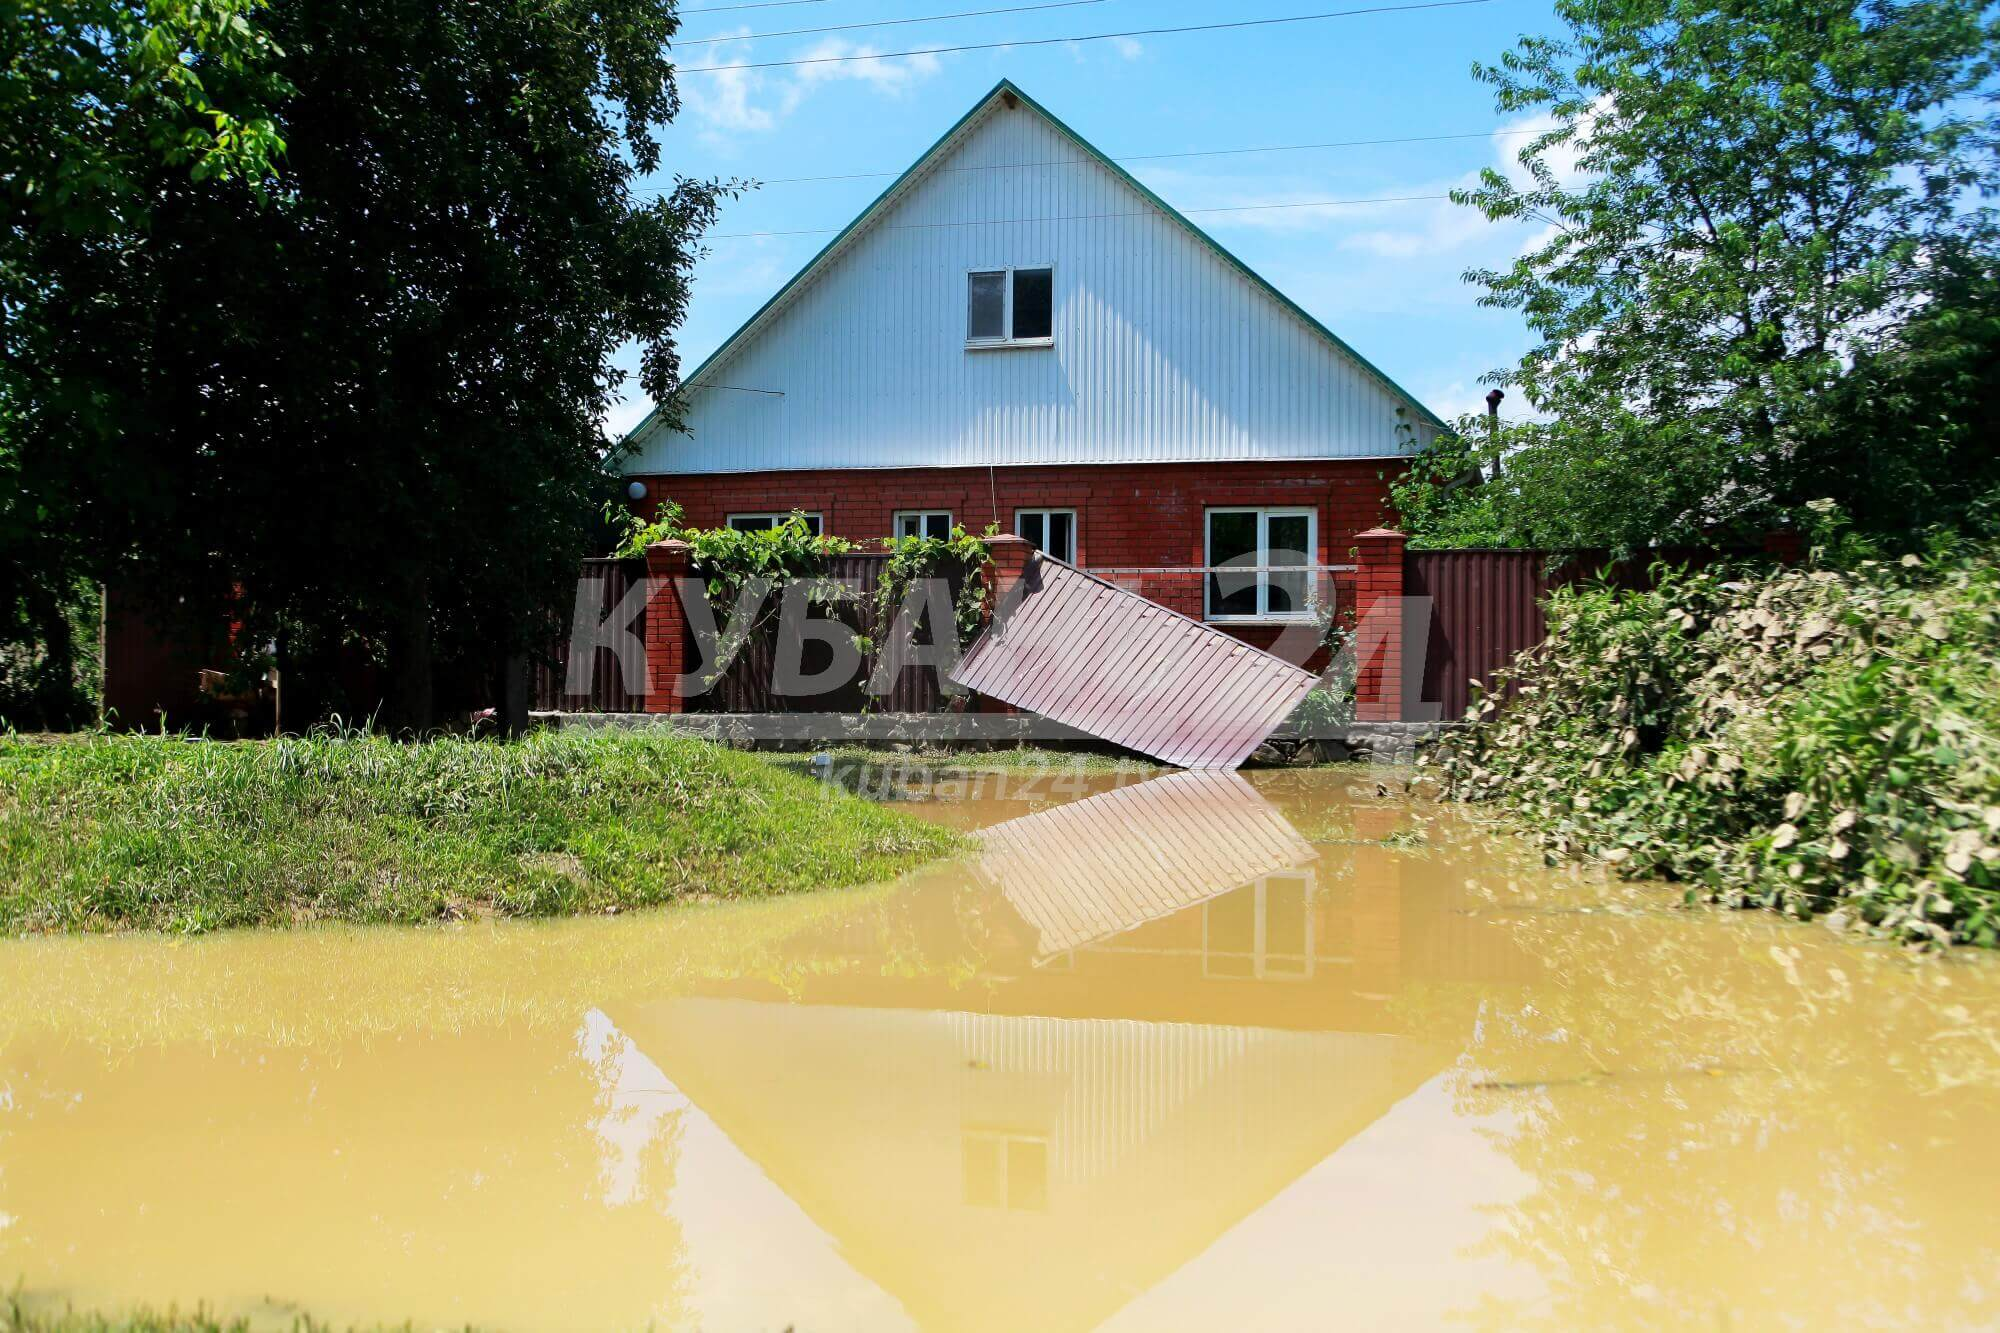 В «Единой России» предложили реструктуризировать кредиты для пострадавших в ЧС